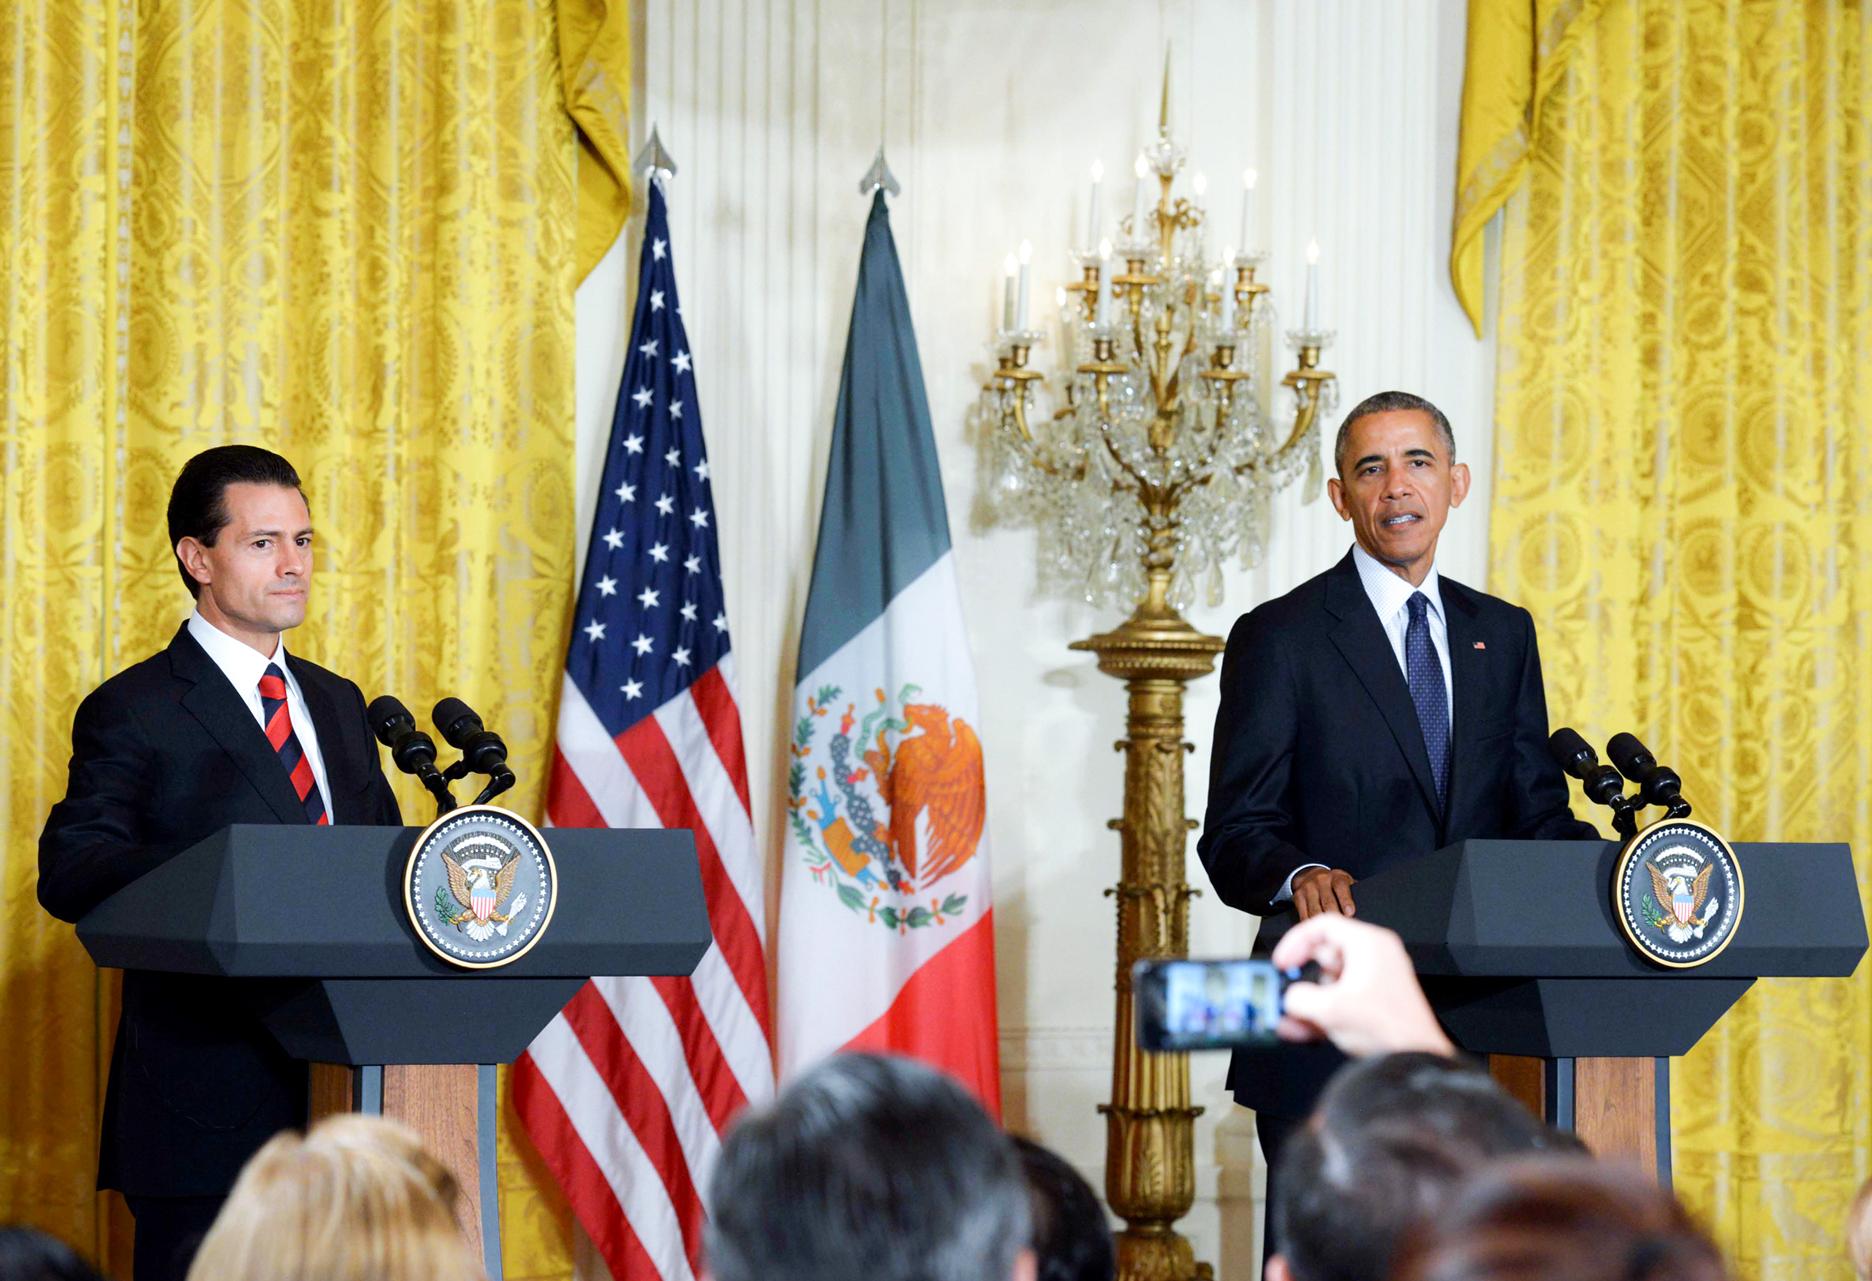 Propuso entrar en un diálogo franco y abierto con quien resulte electo, sobre la relación entre nuestras naciones.